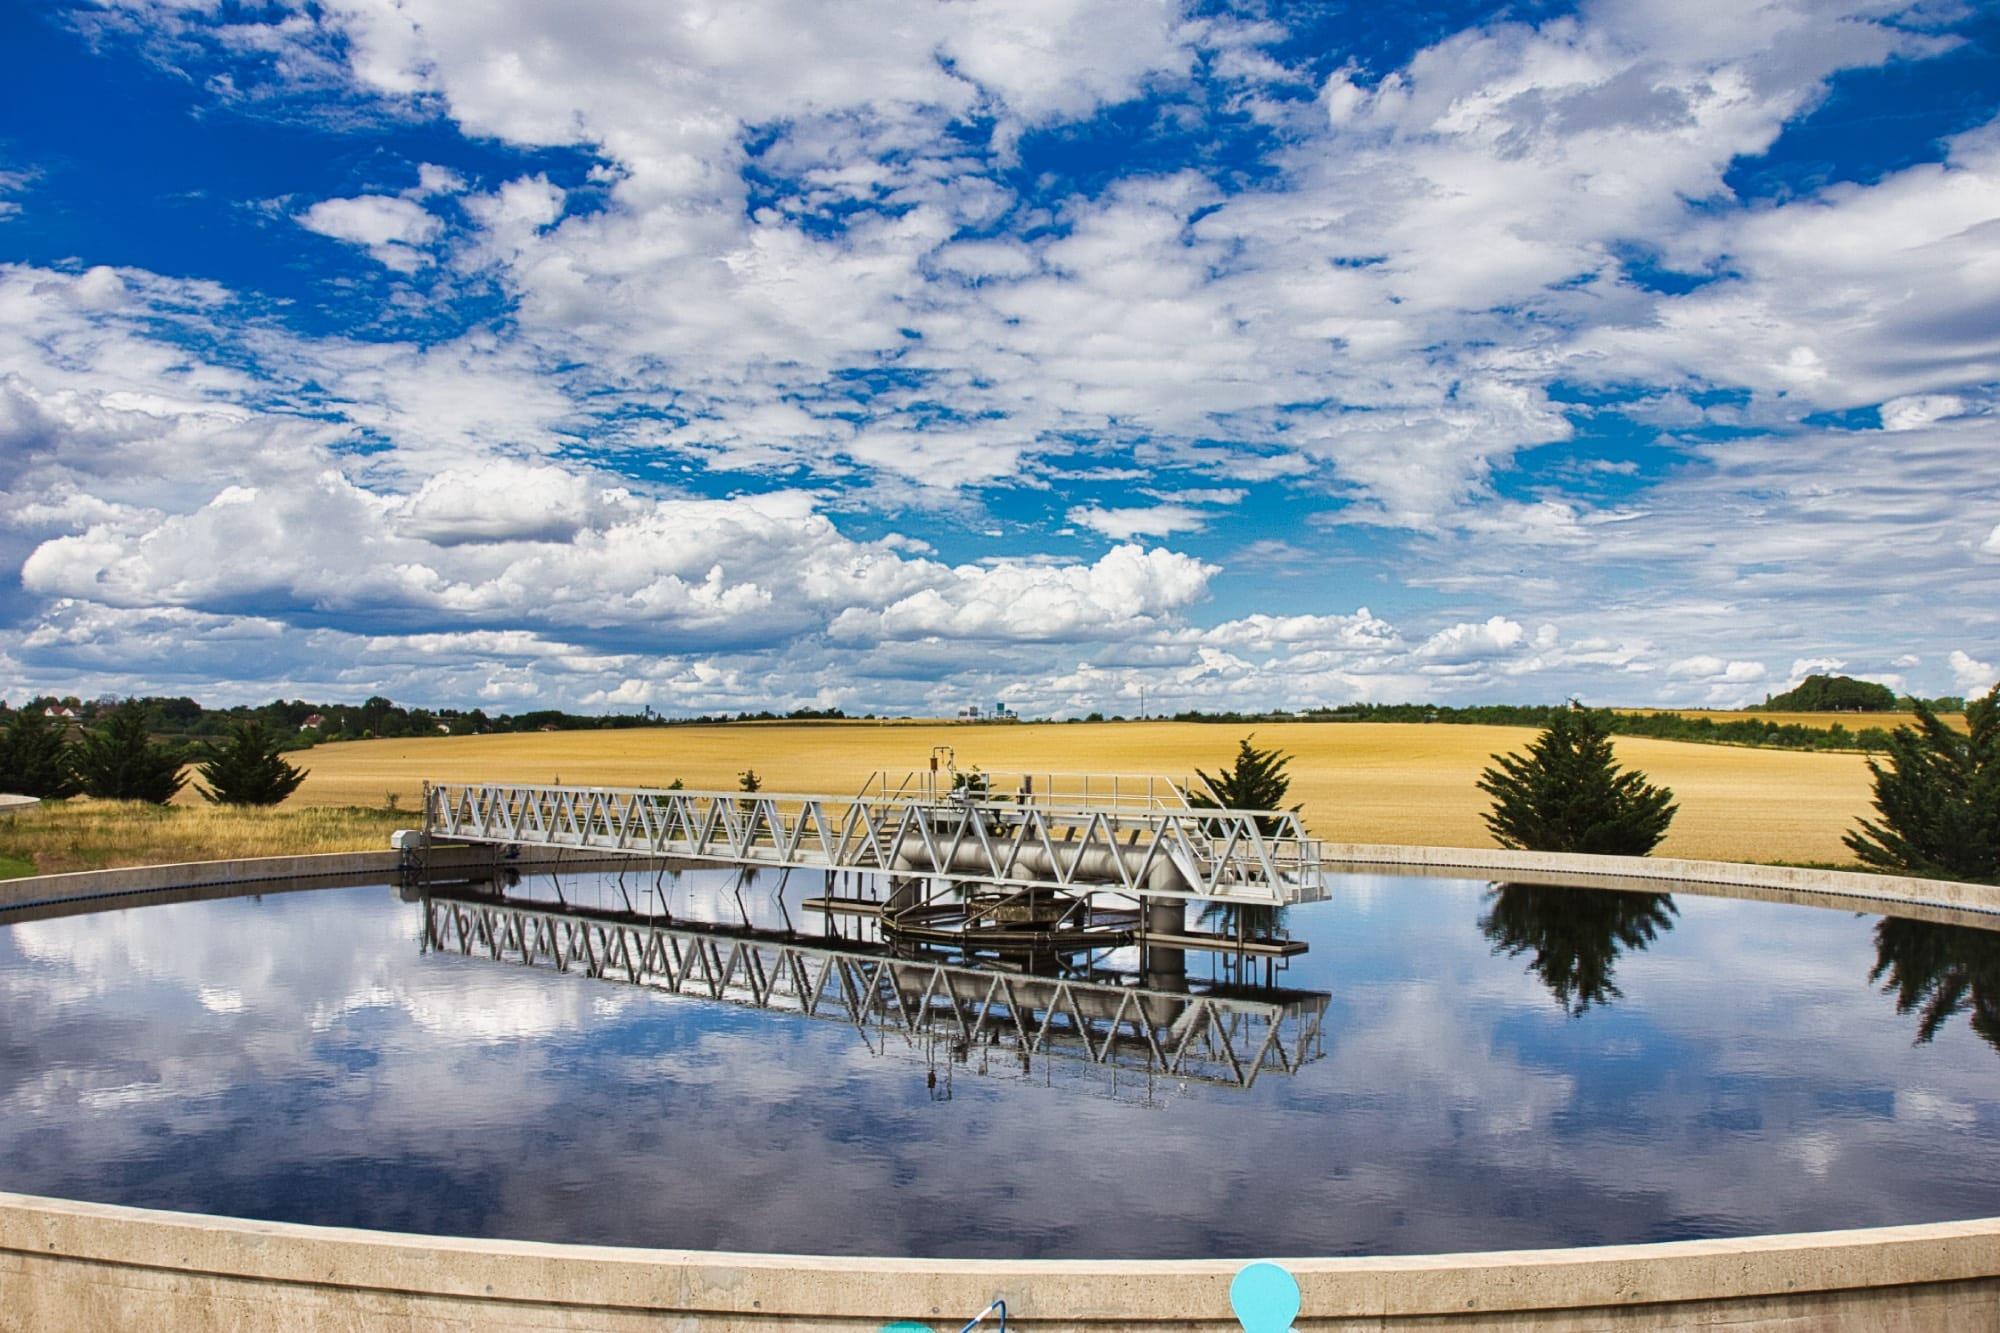 Dijon construit une usine pour la méthanisation des boues d'épuration